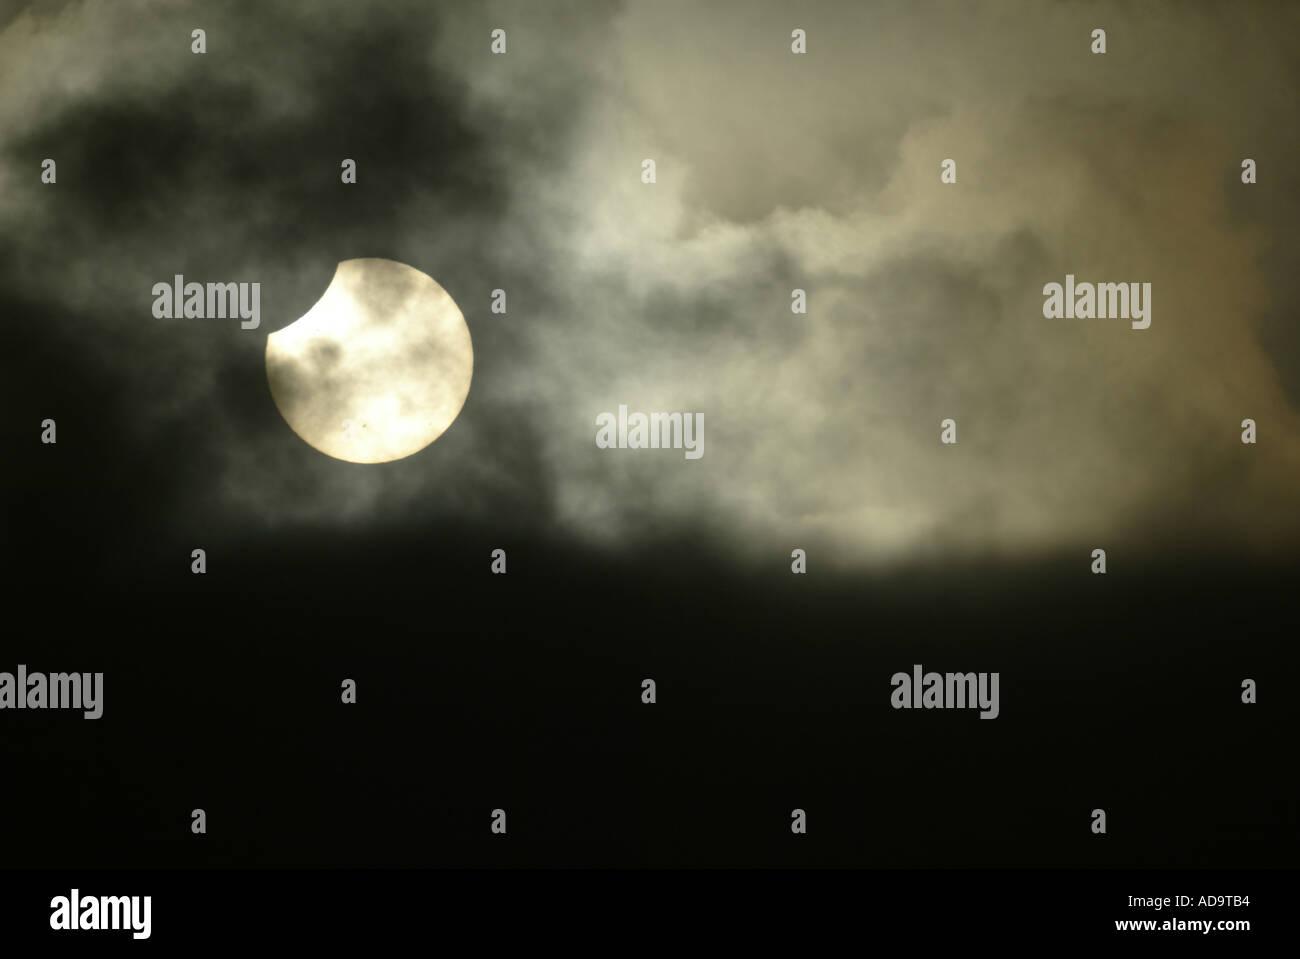 Durch transluzente treibenden Wolken gesehen, dass eine Sonnenfinsternis stattfindet wie in Südkalifornien 10. Juni 2002 angezeigt Stockbild